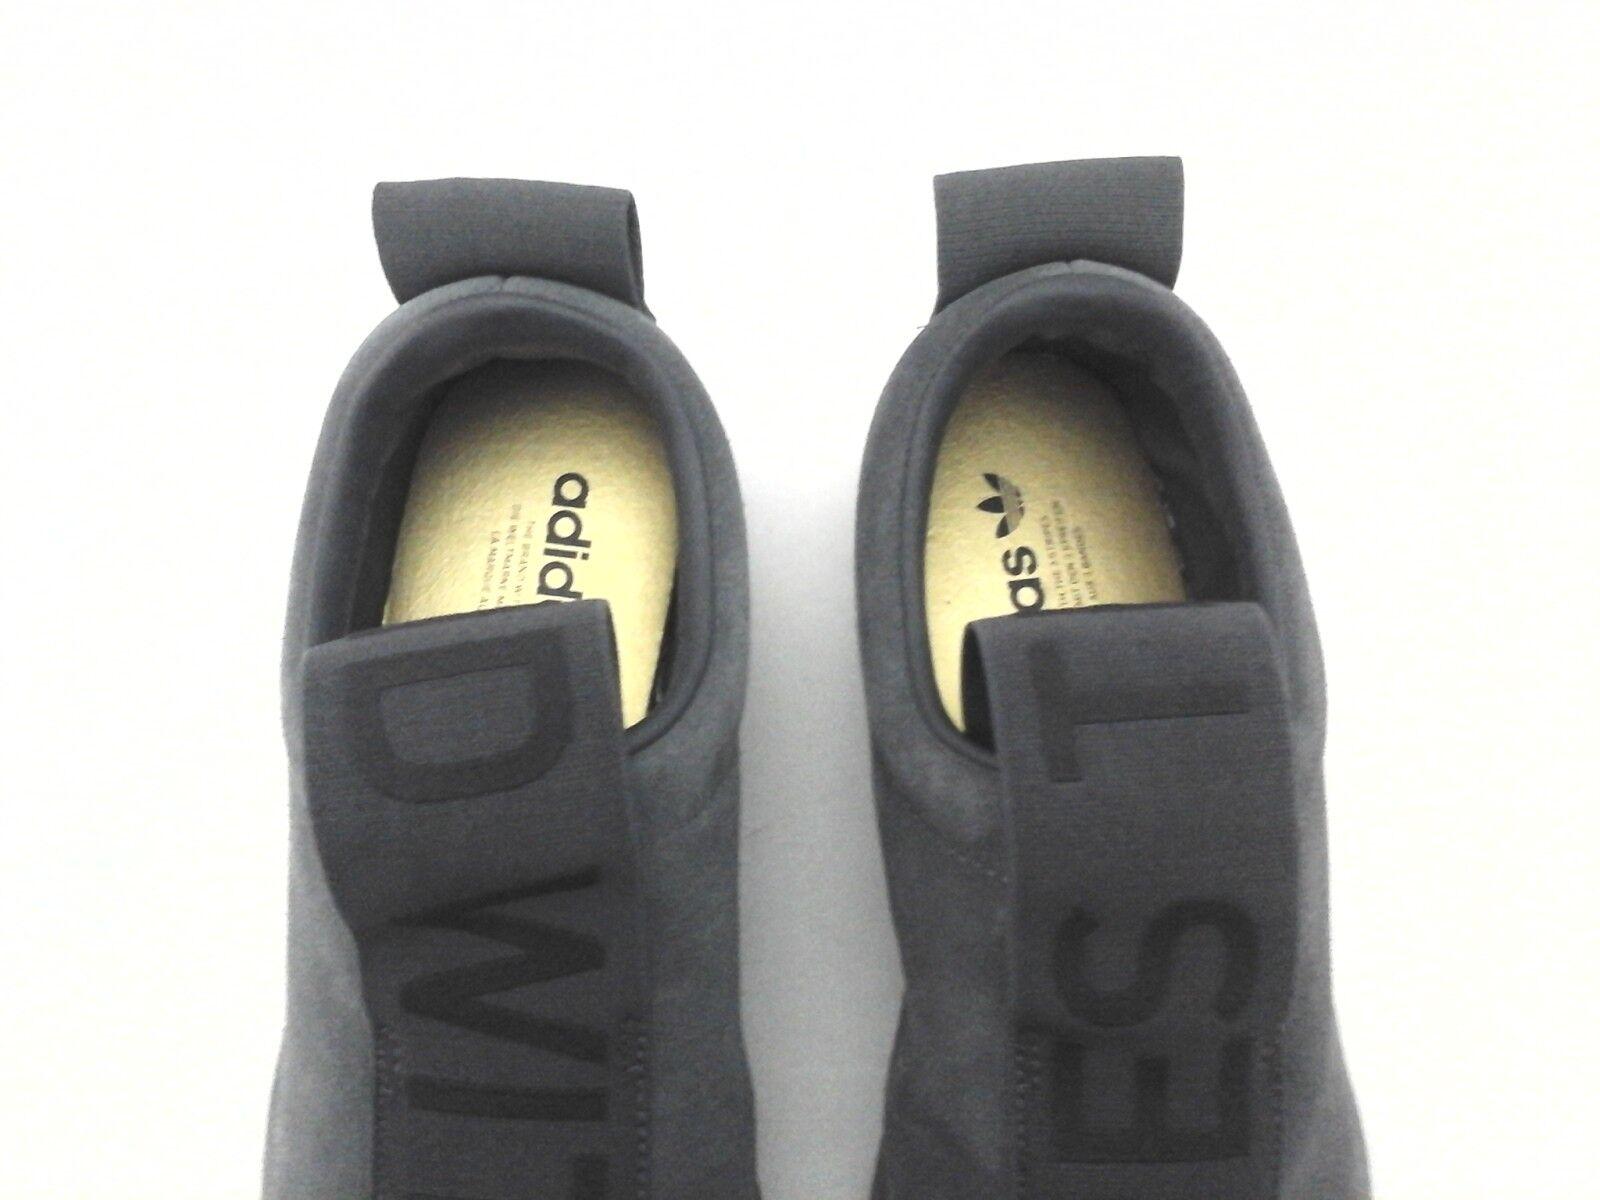 Adidas superstar schuhe anziehen, cg3595 frauen graues 3 wildleder uns 10 / 3 graues 222416